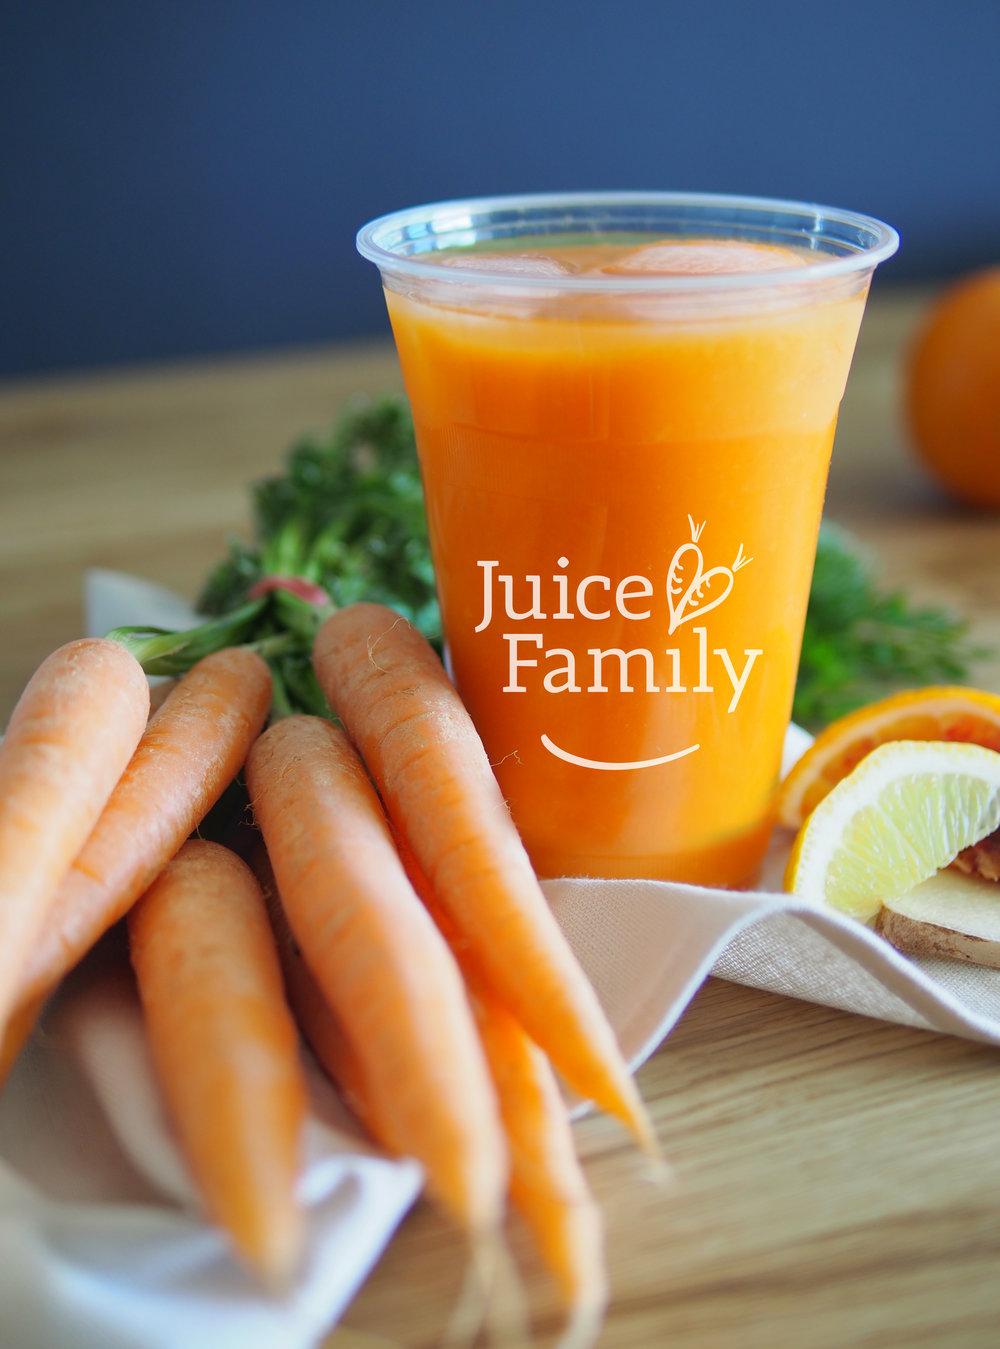 JuiceFamily_Juice_LiftOff.jpg